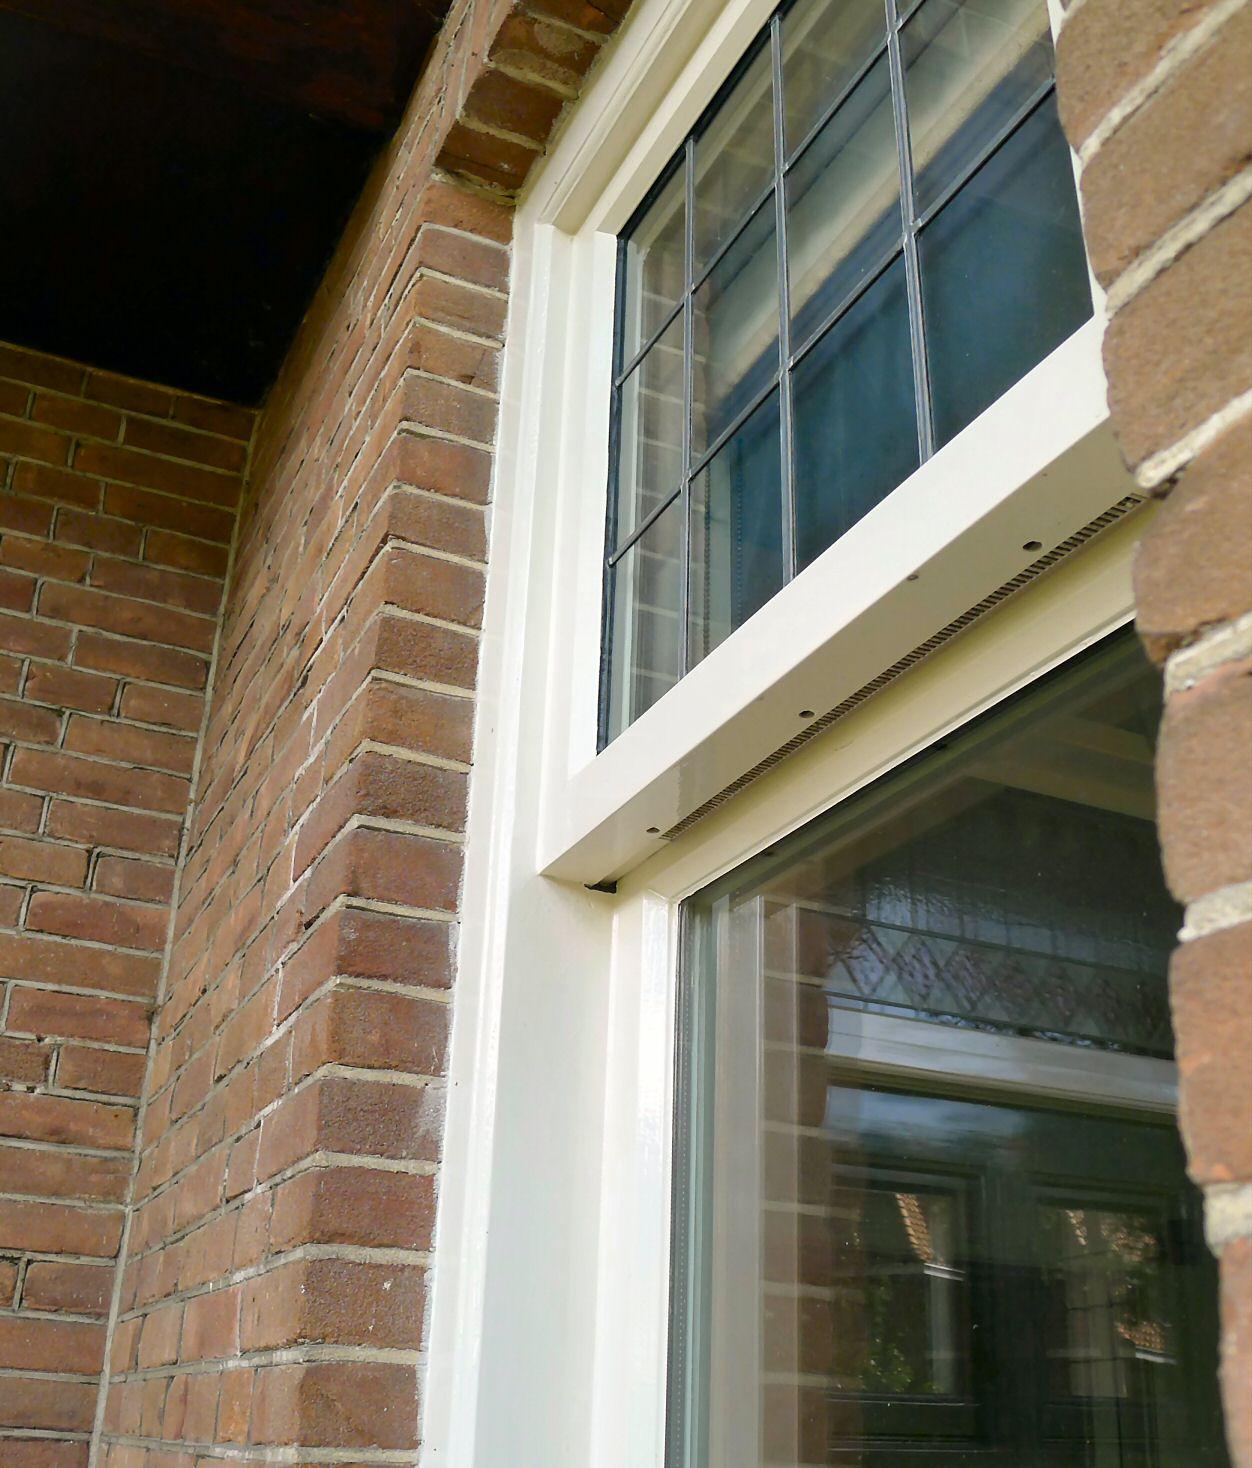 Doorn uitbreiding jaren 39 20 woonhuis architectenbureau van l ben sels - Uitbreiding huis glas ...